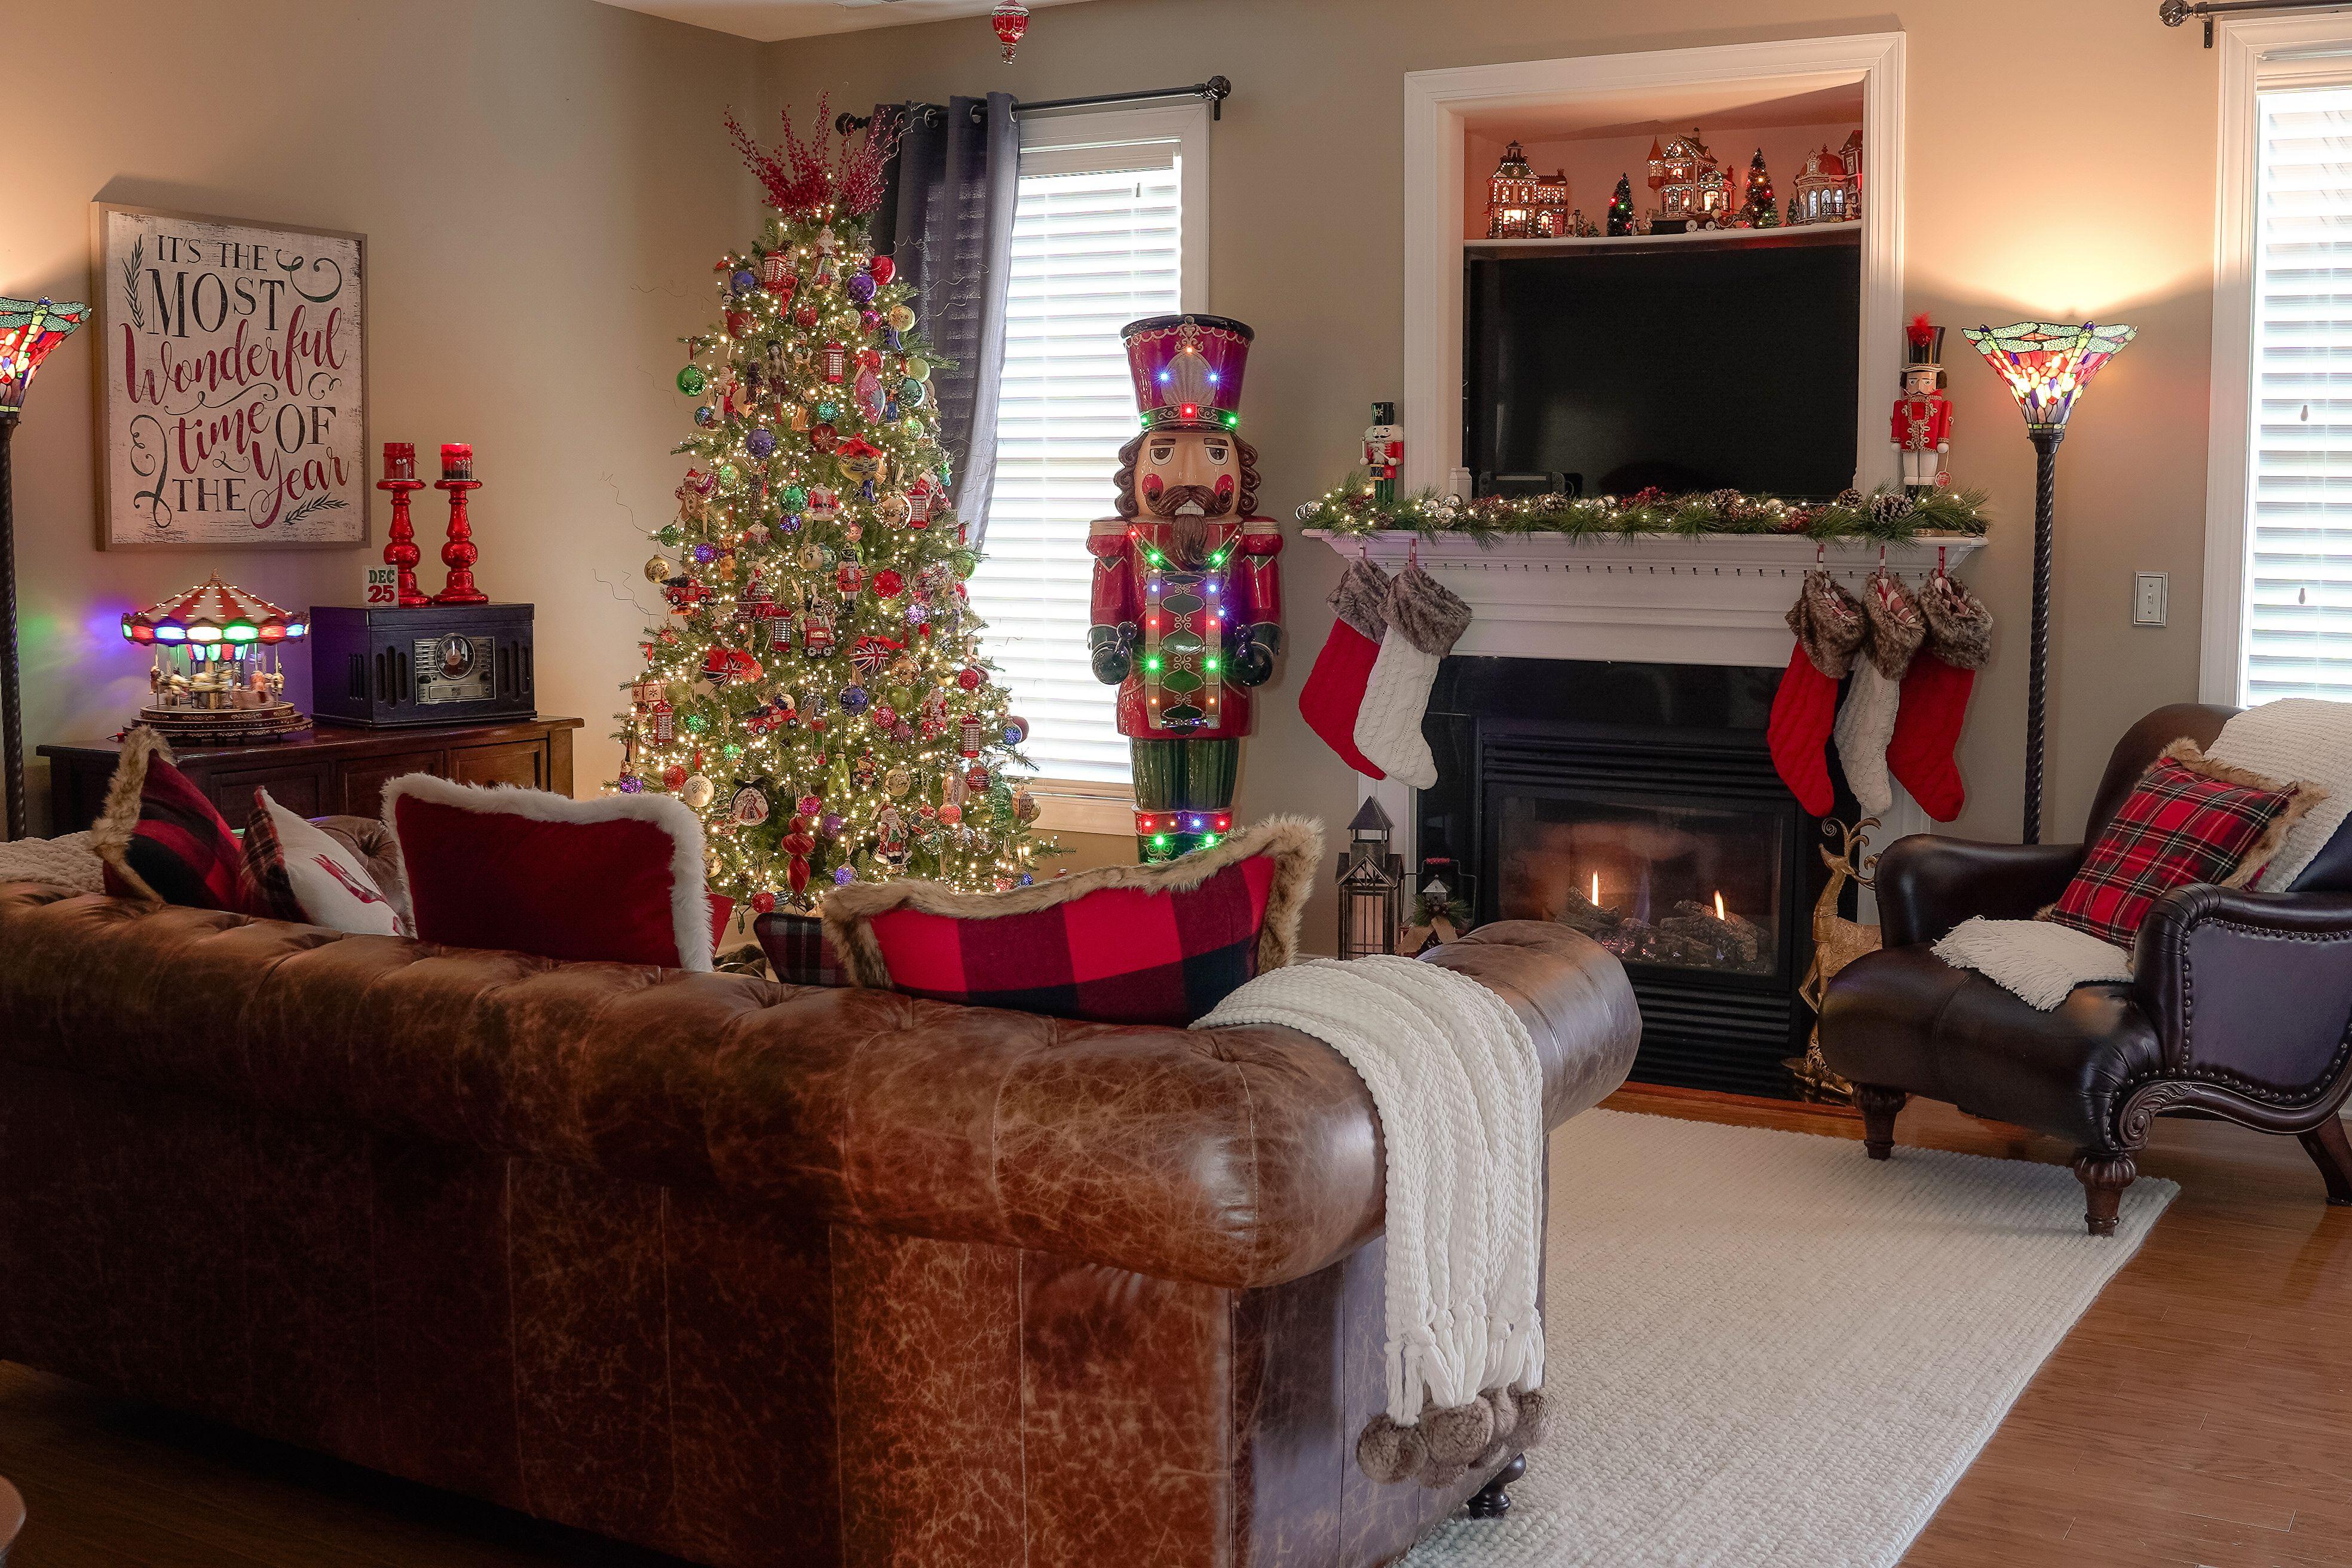 Christmas Living Room Decor Christmas Decorations Living Room Christmas Living Rooms Living Room Decor Christmas living room decorations